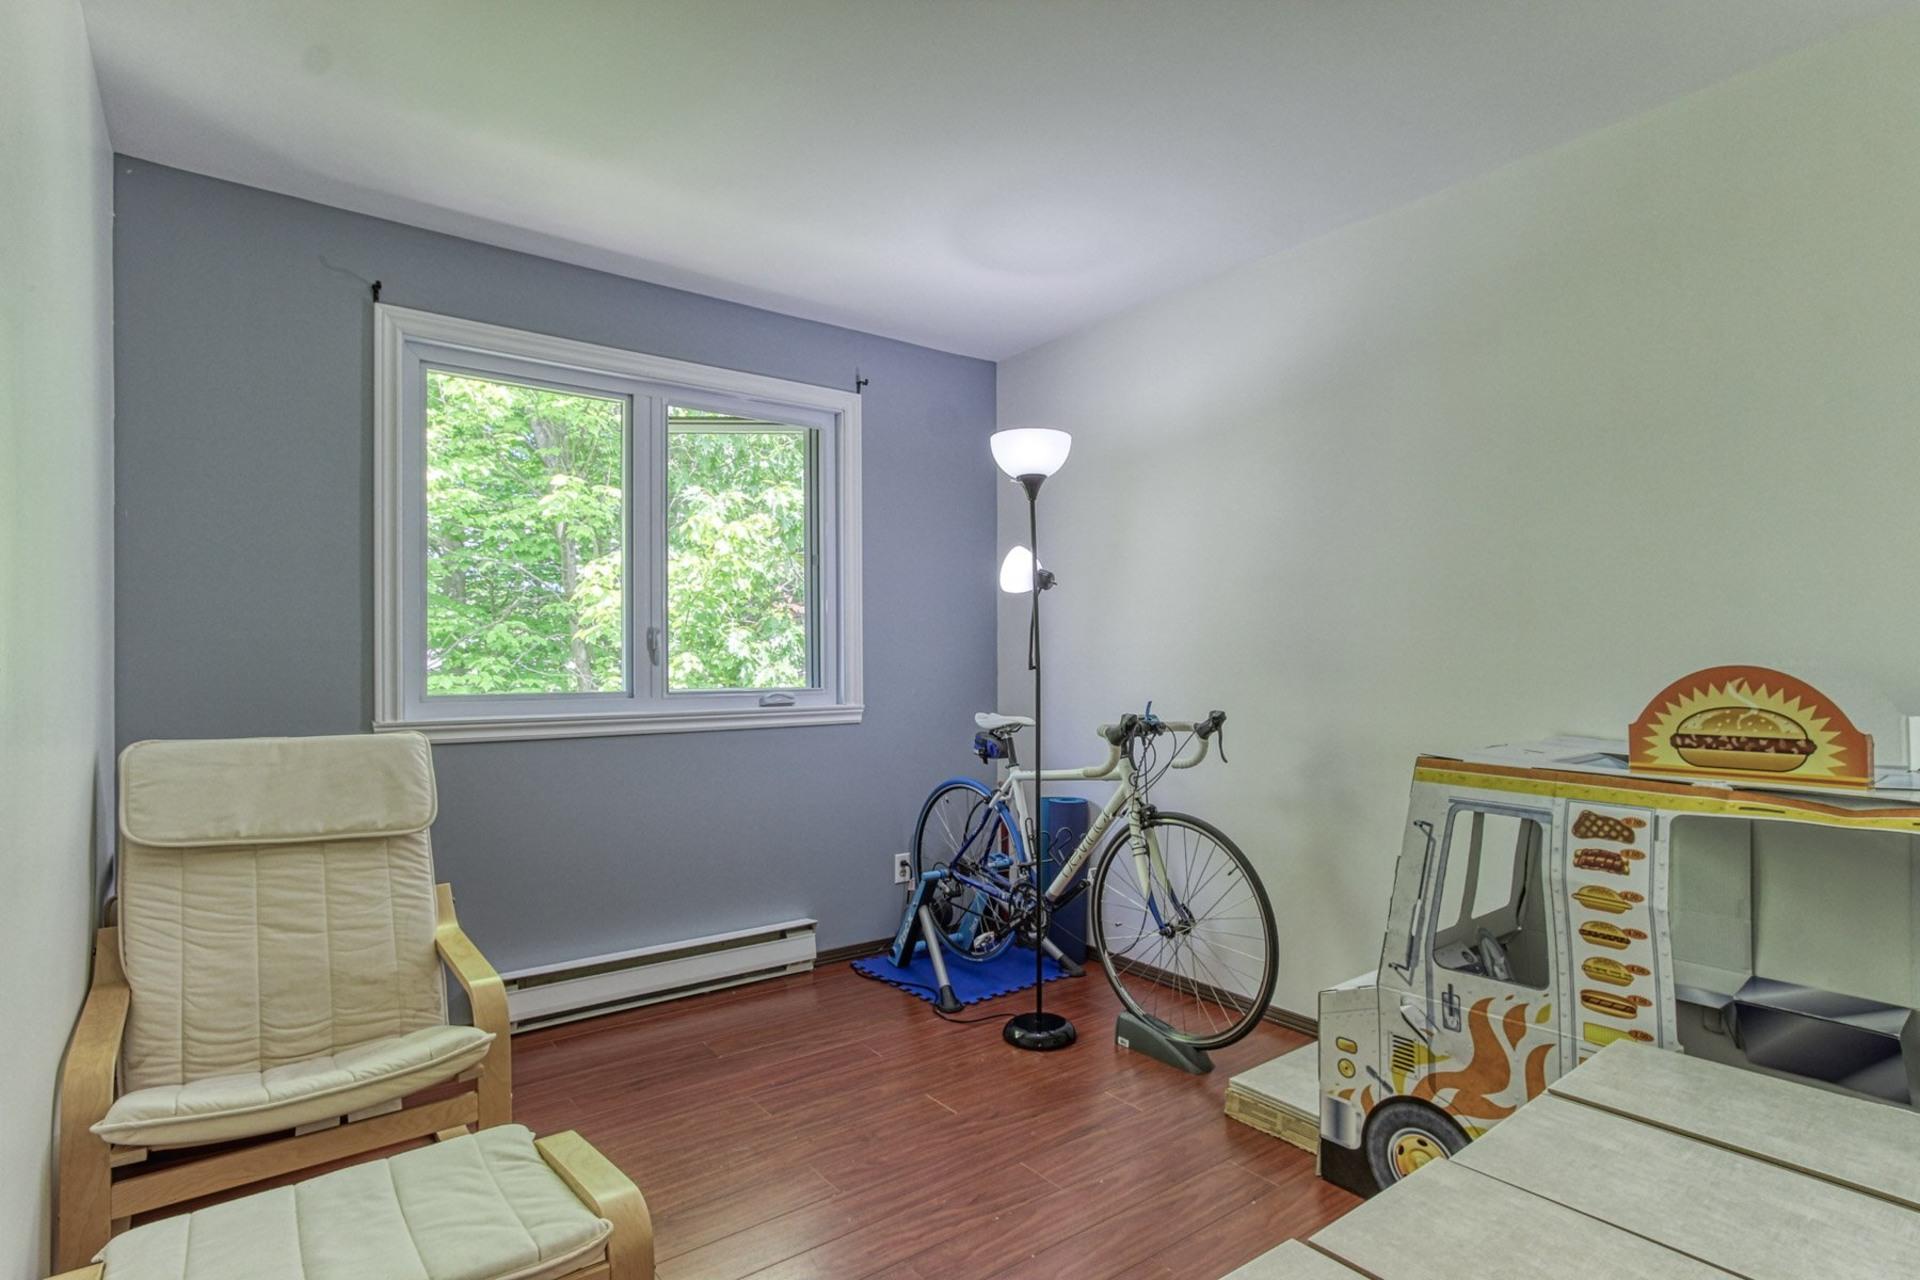 image 16 - Appartement À vendre Trois-Rivières - 8 pièces